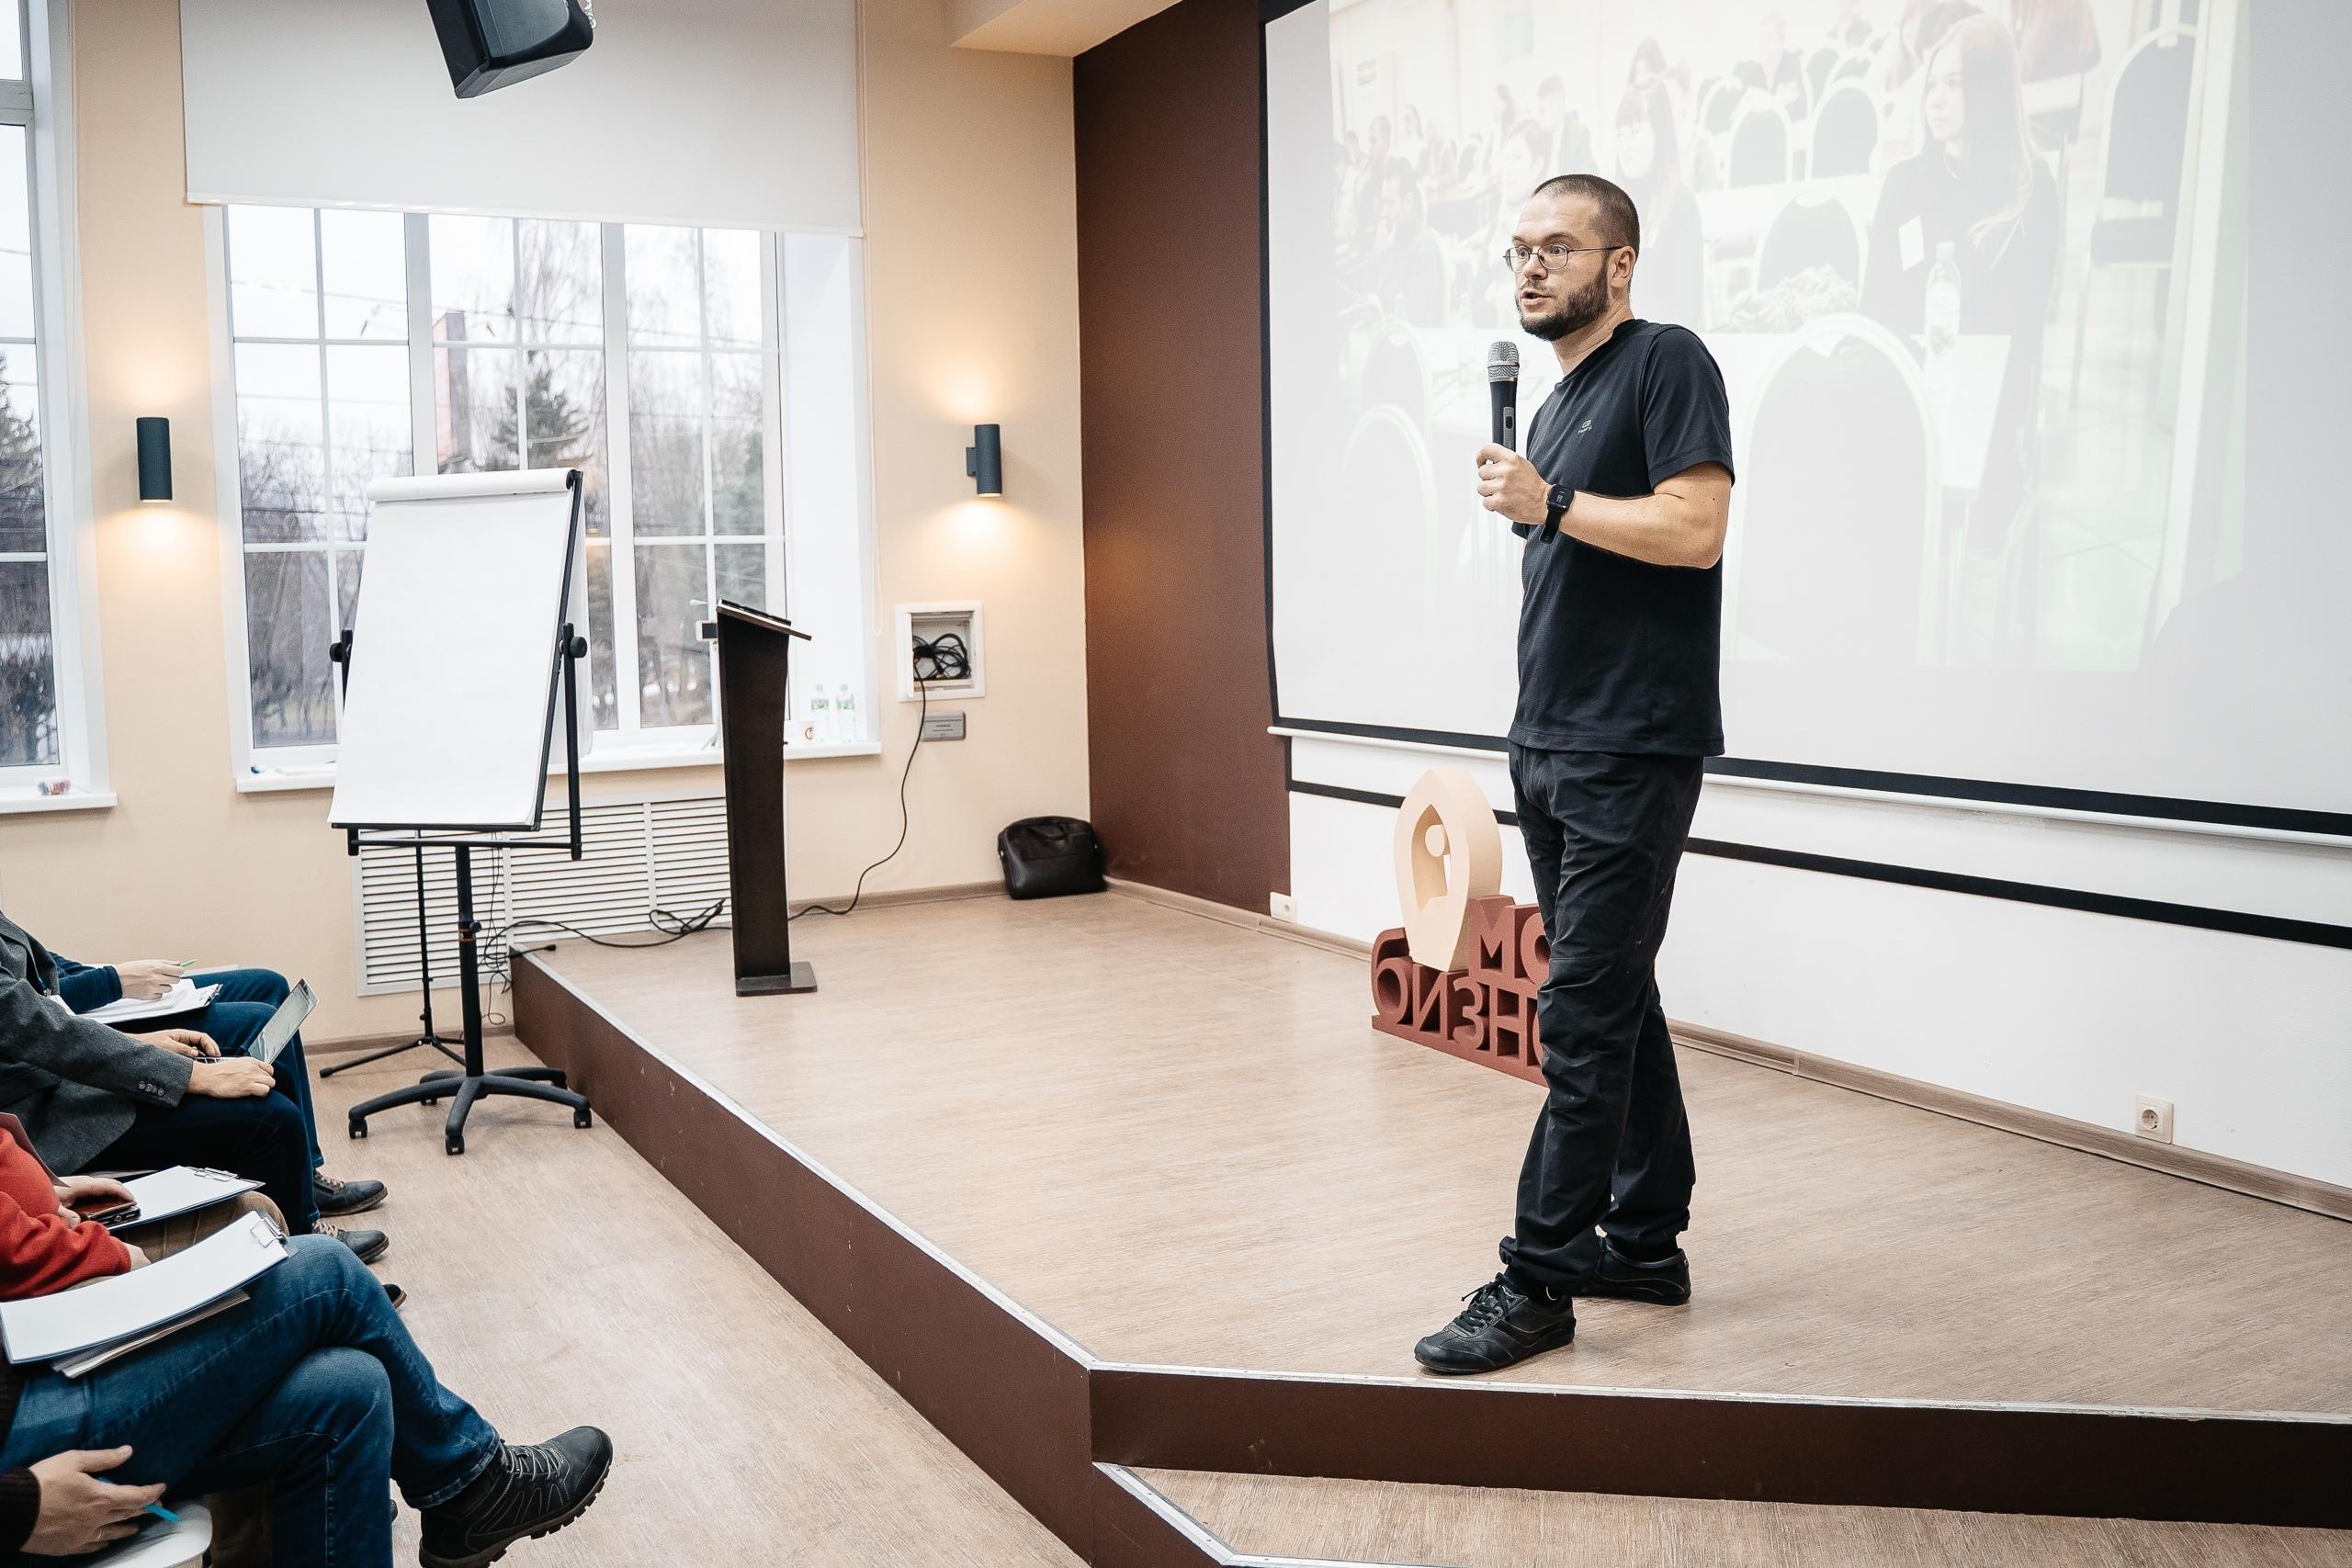 Бесплатное обучение, гранты за технологи и кешбек за отпуск: обзор деловых новостей Тверской области